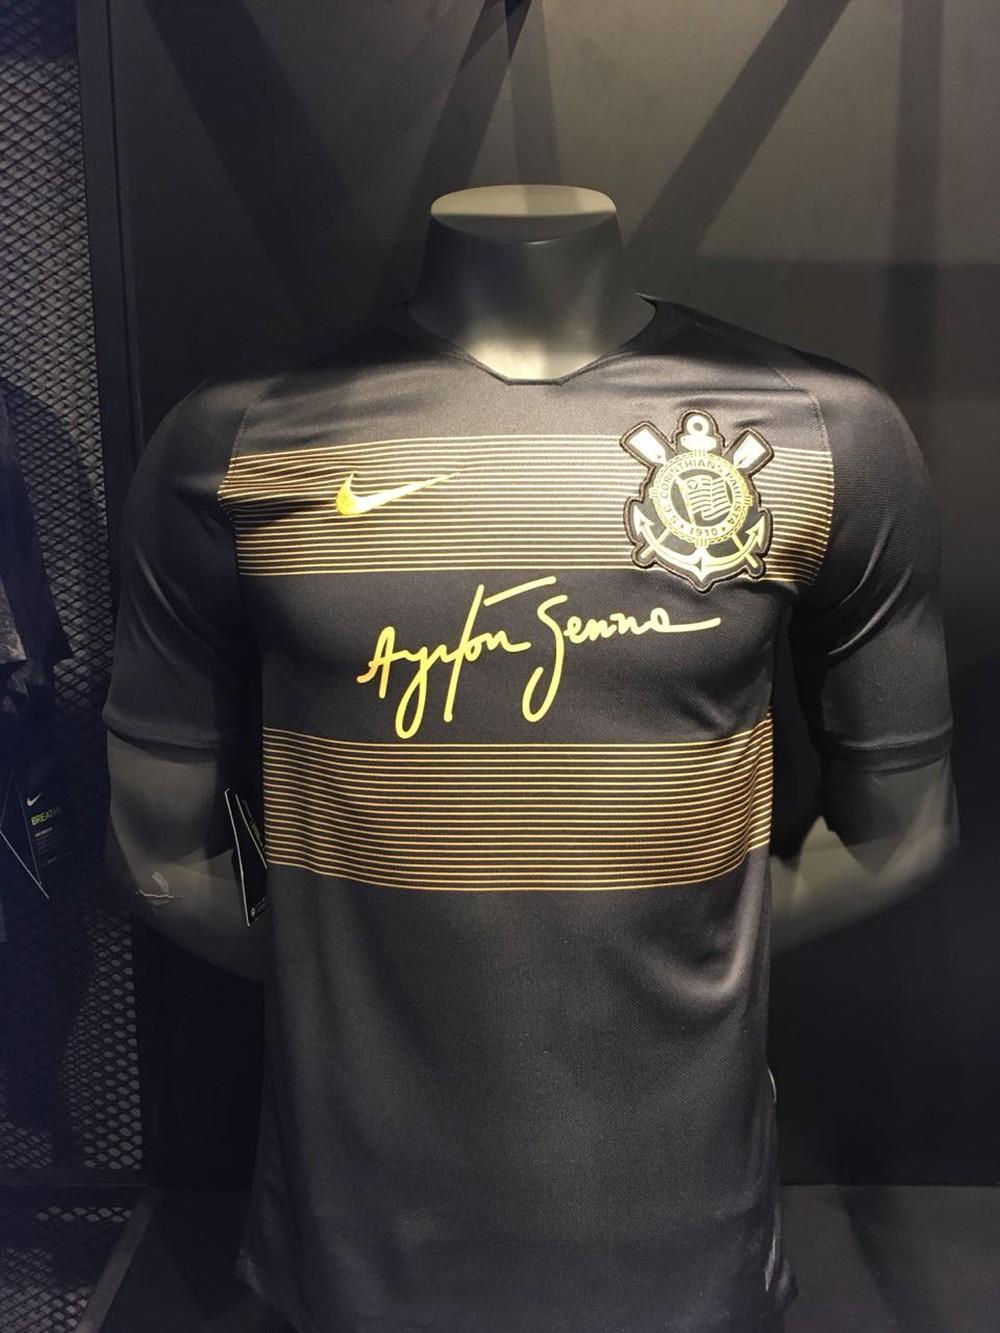 7d582304aa O Corinthians começa nesta segunda-feira a campanha de lançamento de seu  novo terceiro uniforme, que faz homenagem ao ex-piloto de Fórmula 1 Ayrton  Senna.